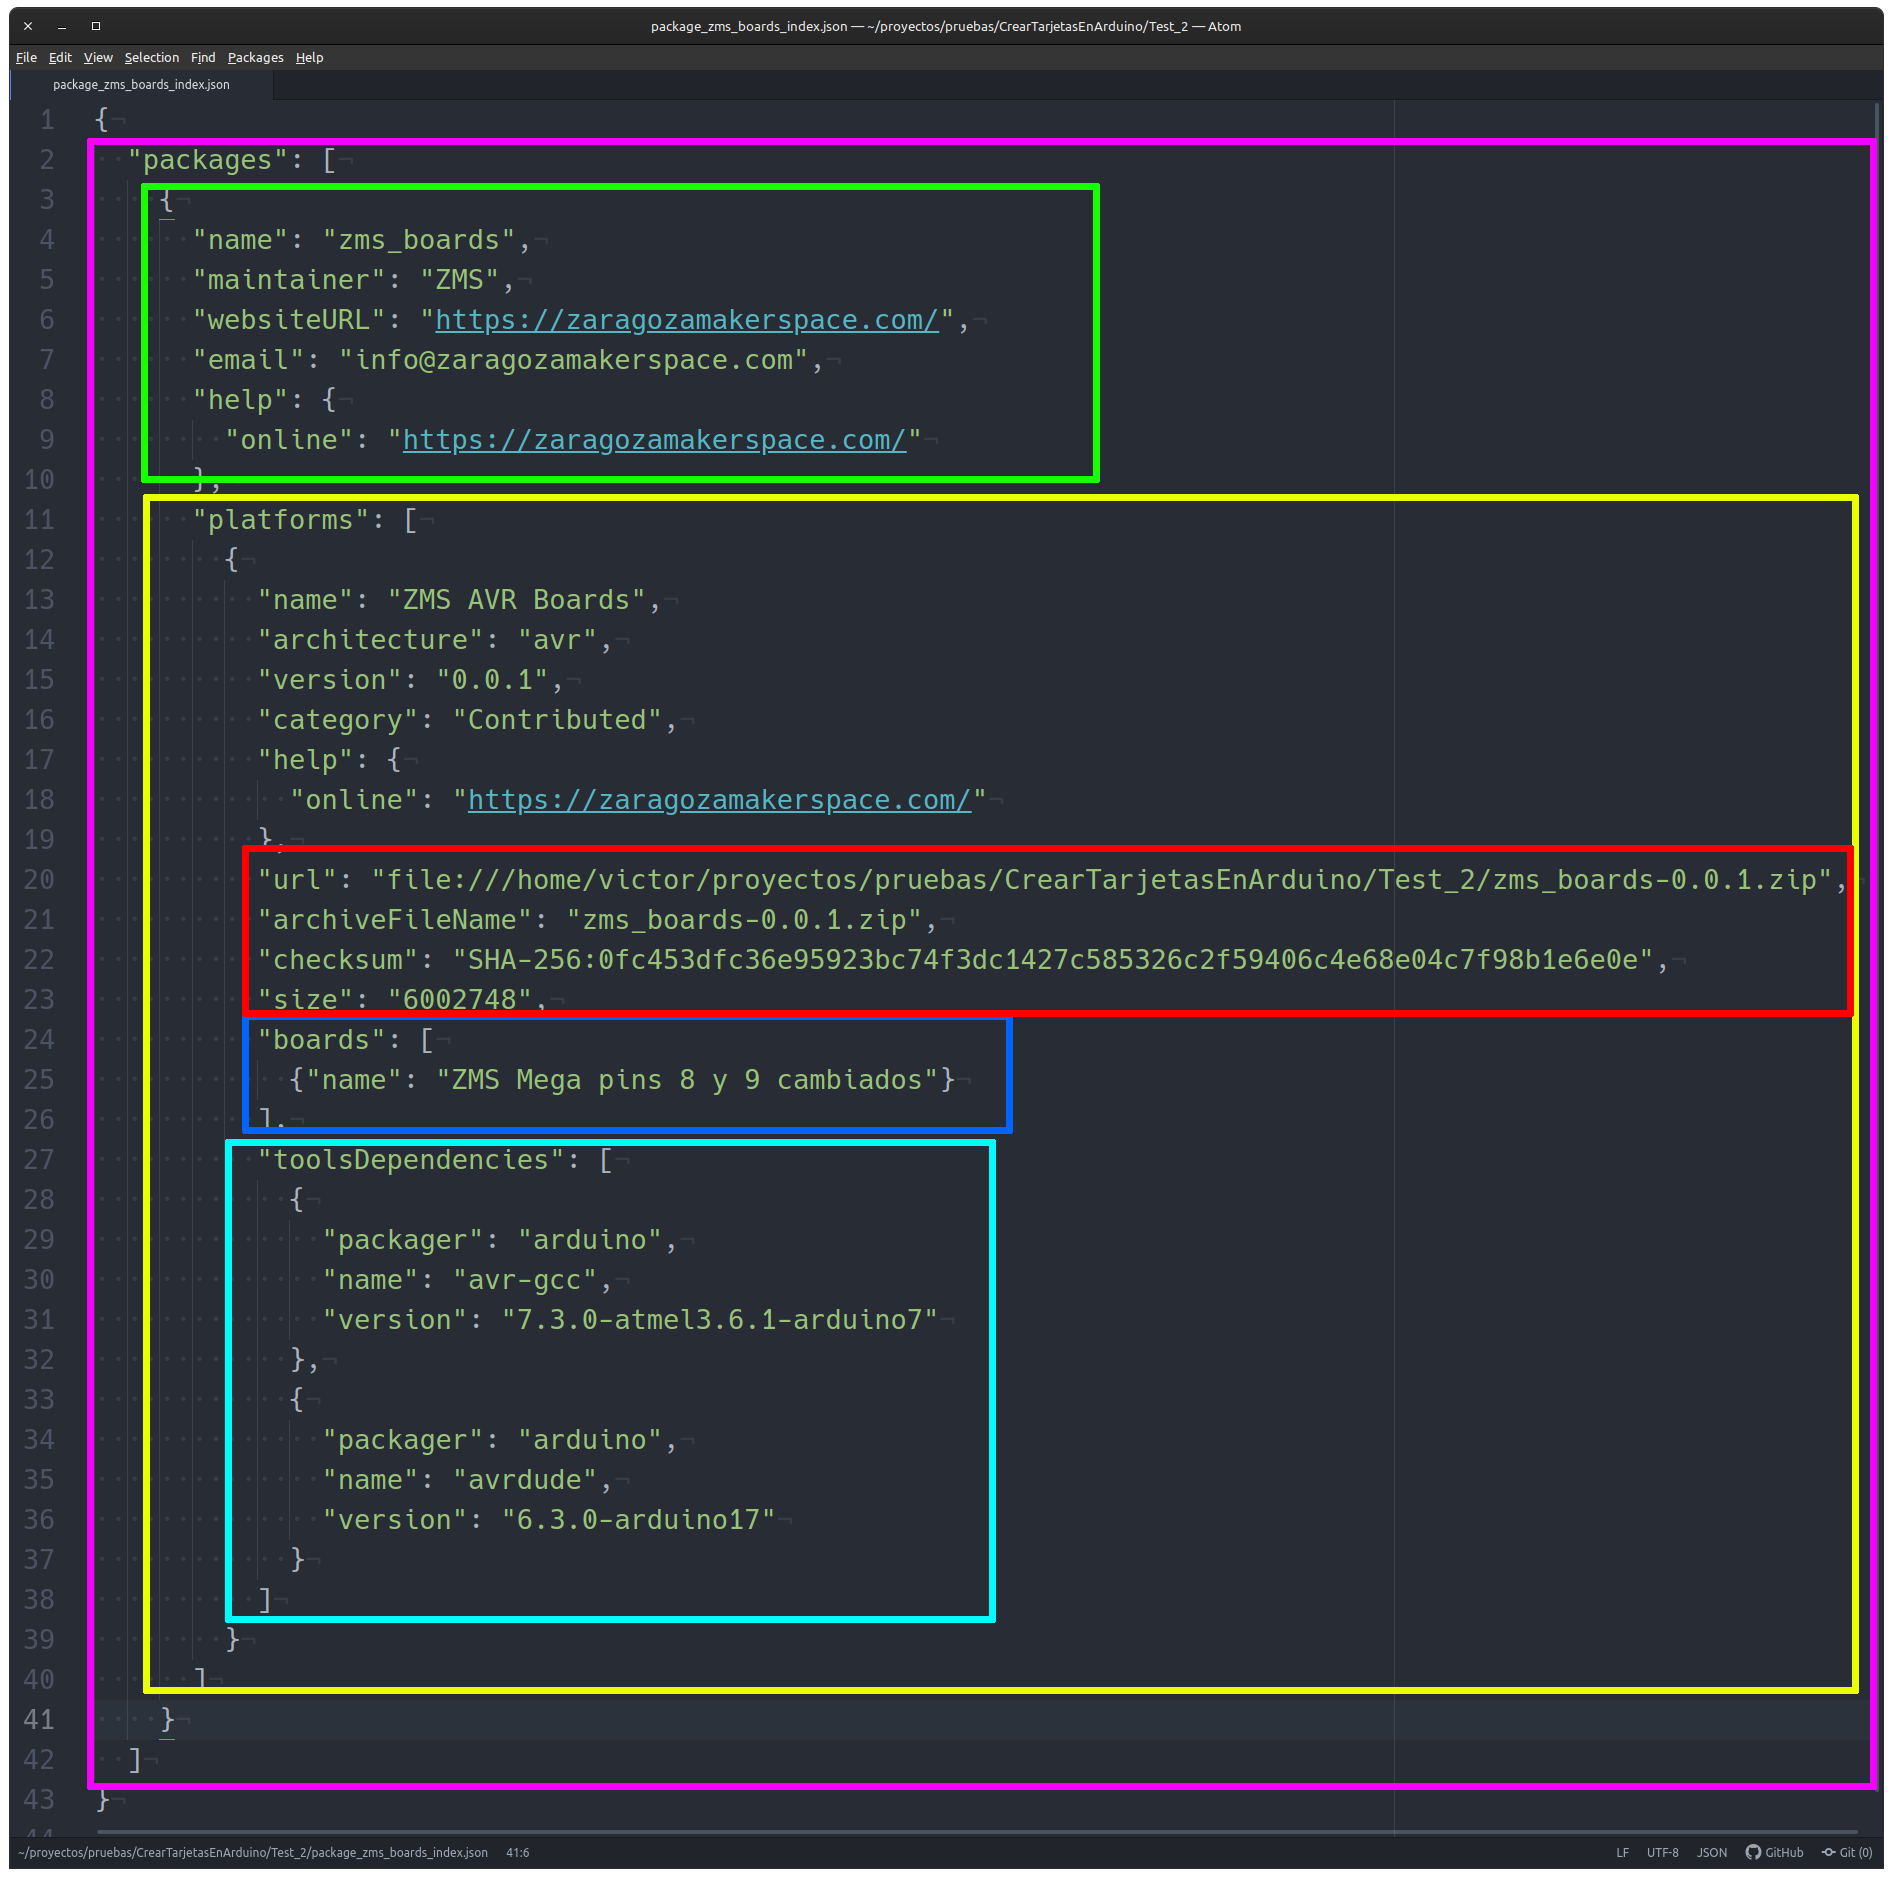 Estructura del fichero package_zms_boards_index.json que identifica el paquete